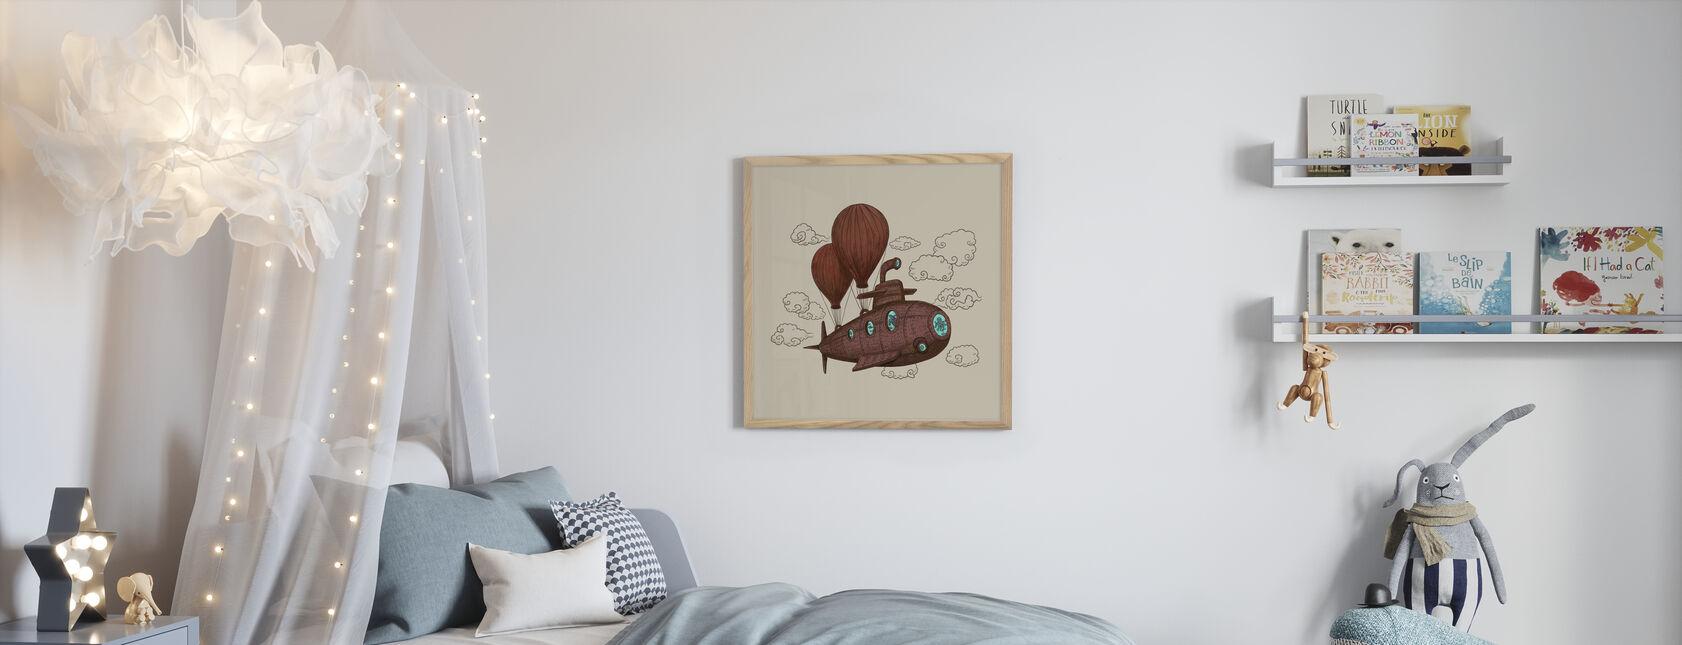 Fantastic Voyage - Poster - Kids Room